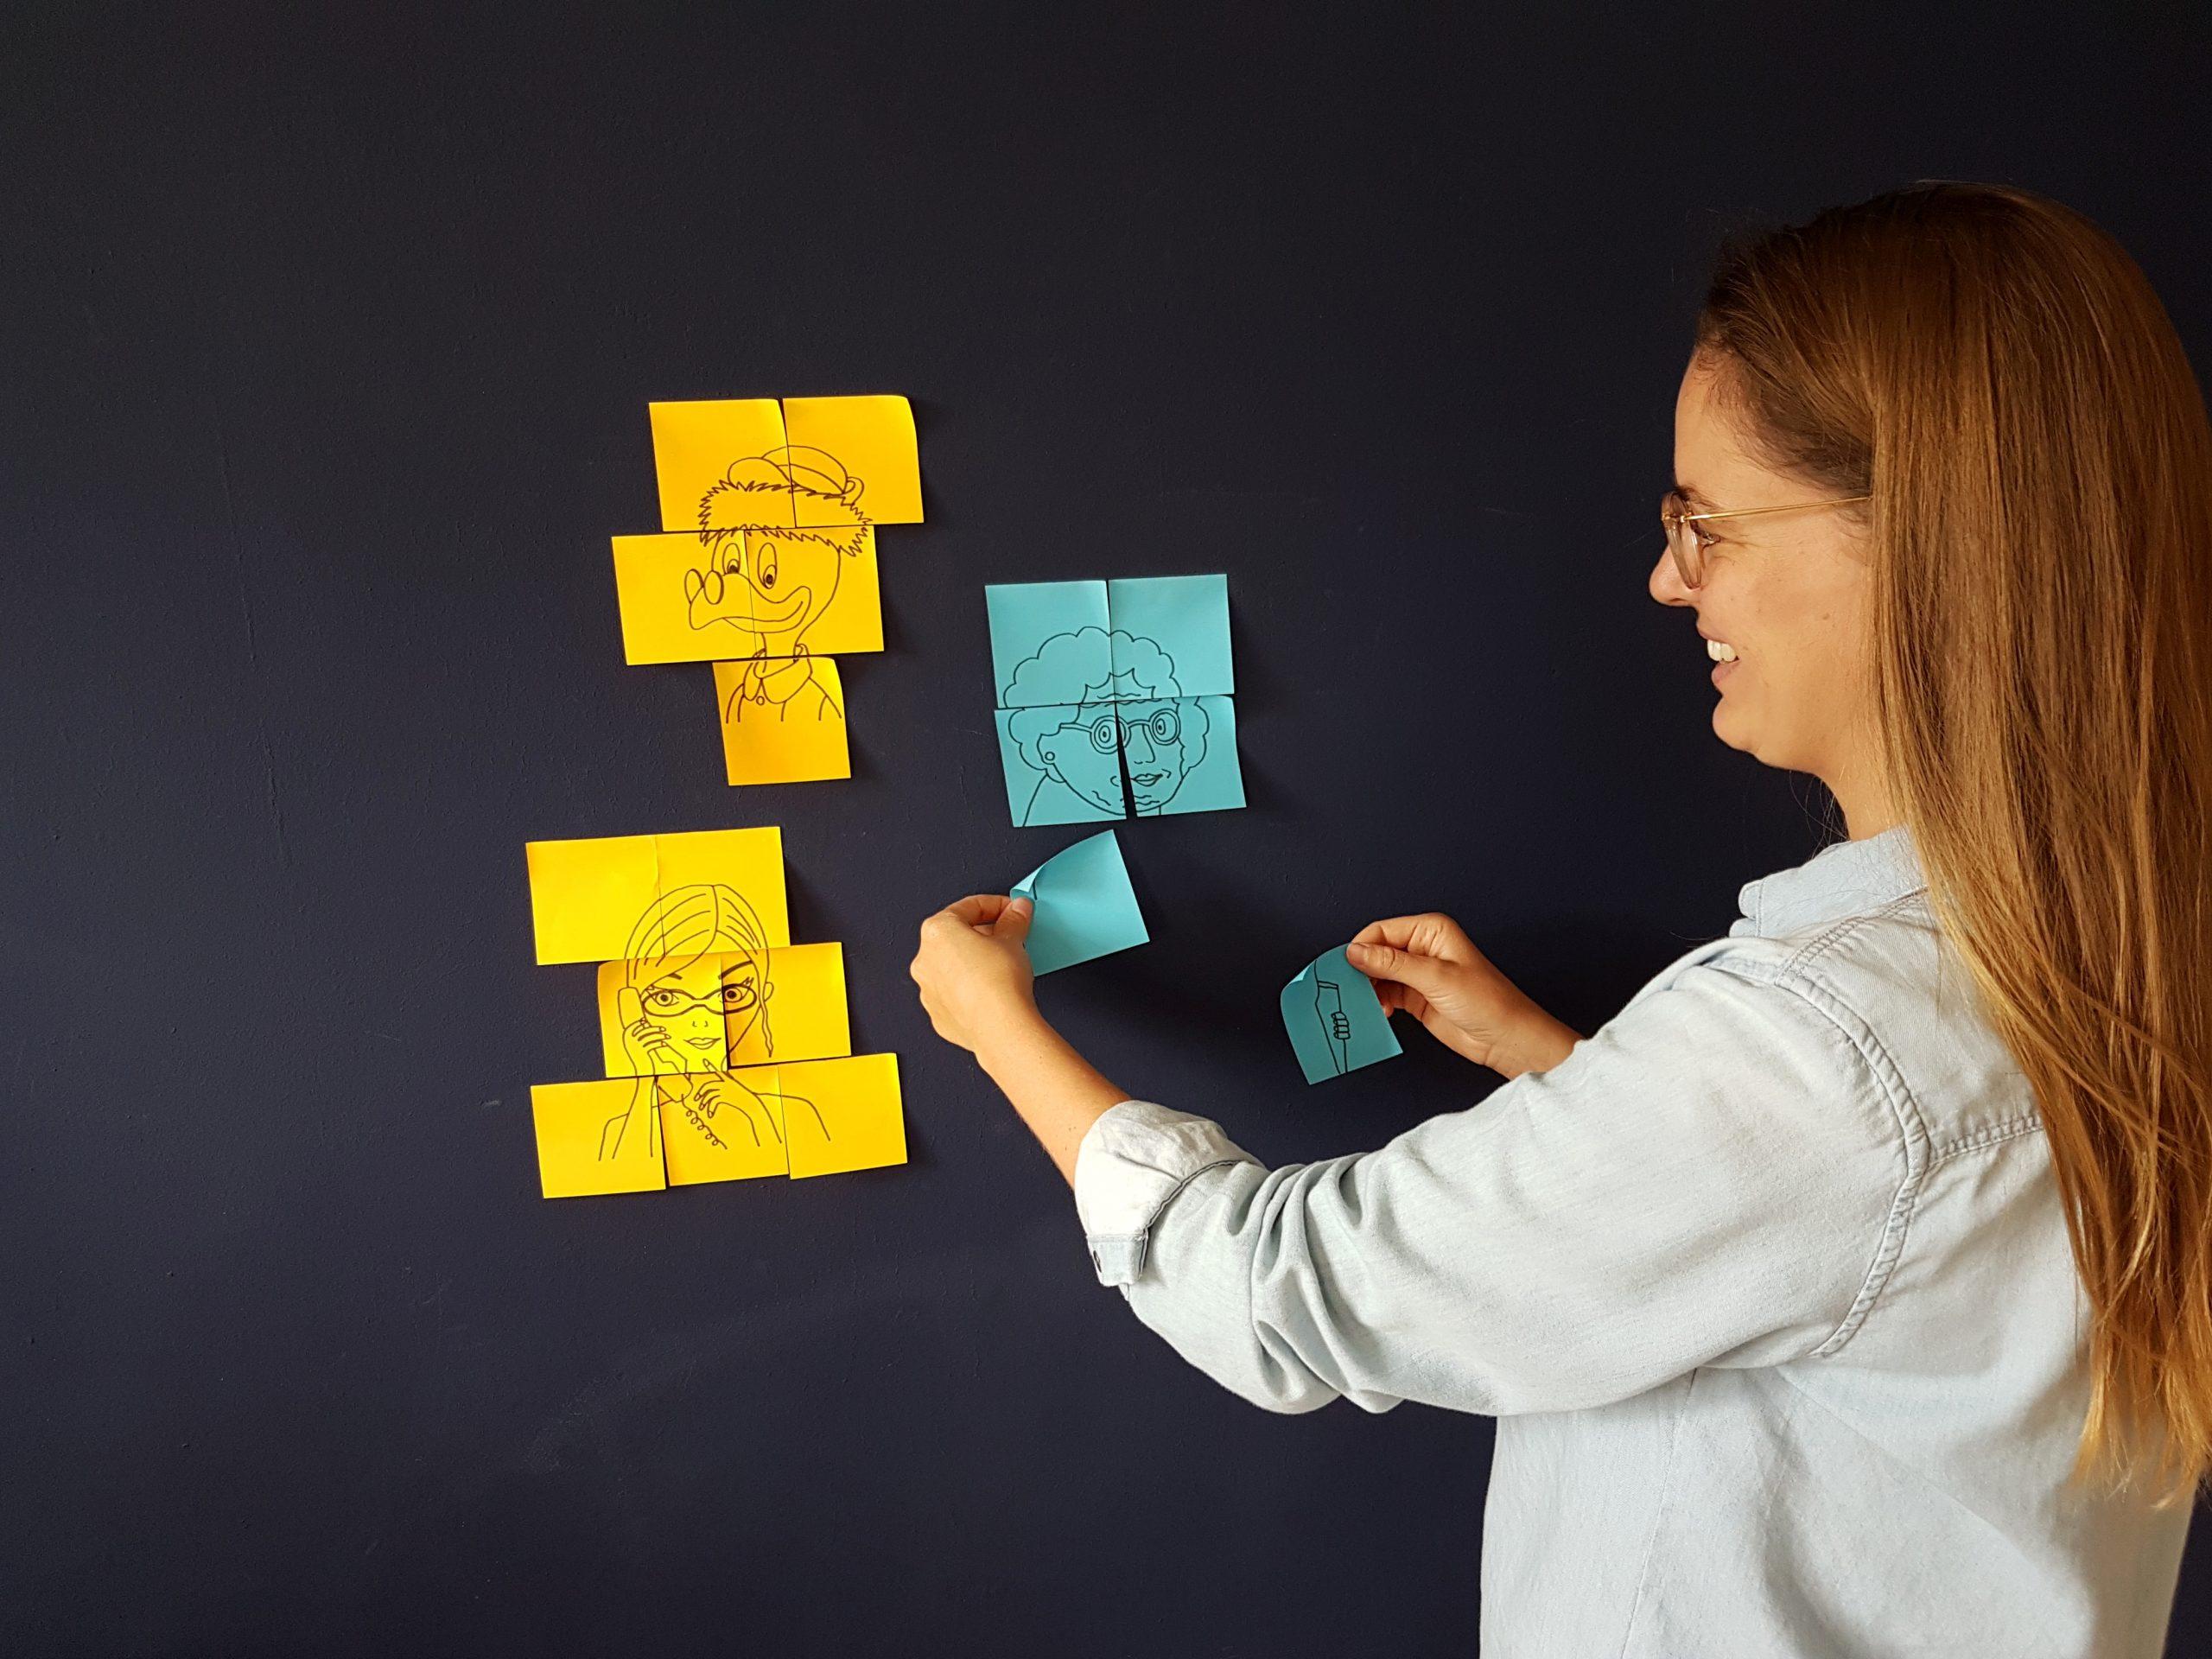 Ontwerper Daphne brainstormt alleen met gekleurde post-its op een paarse wand.